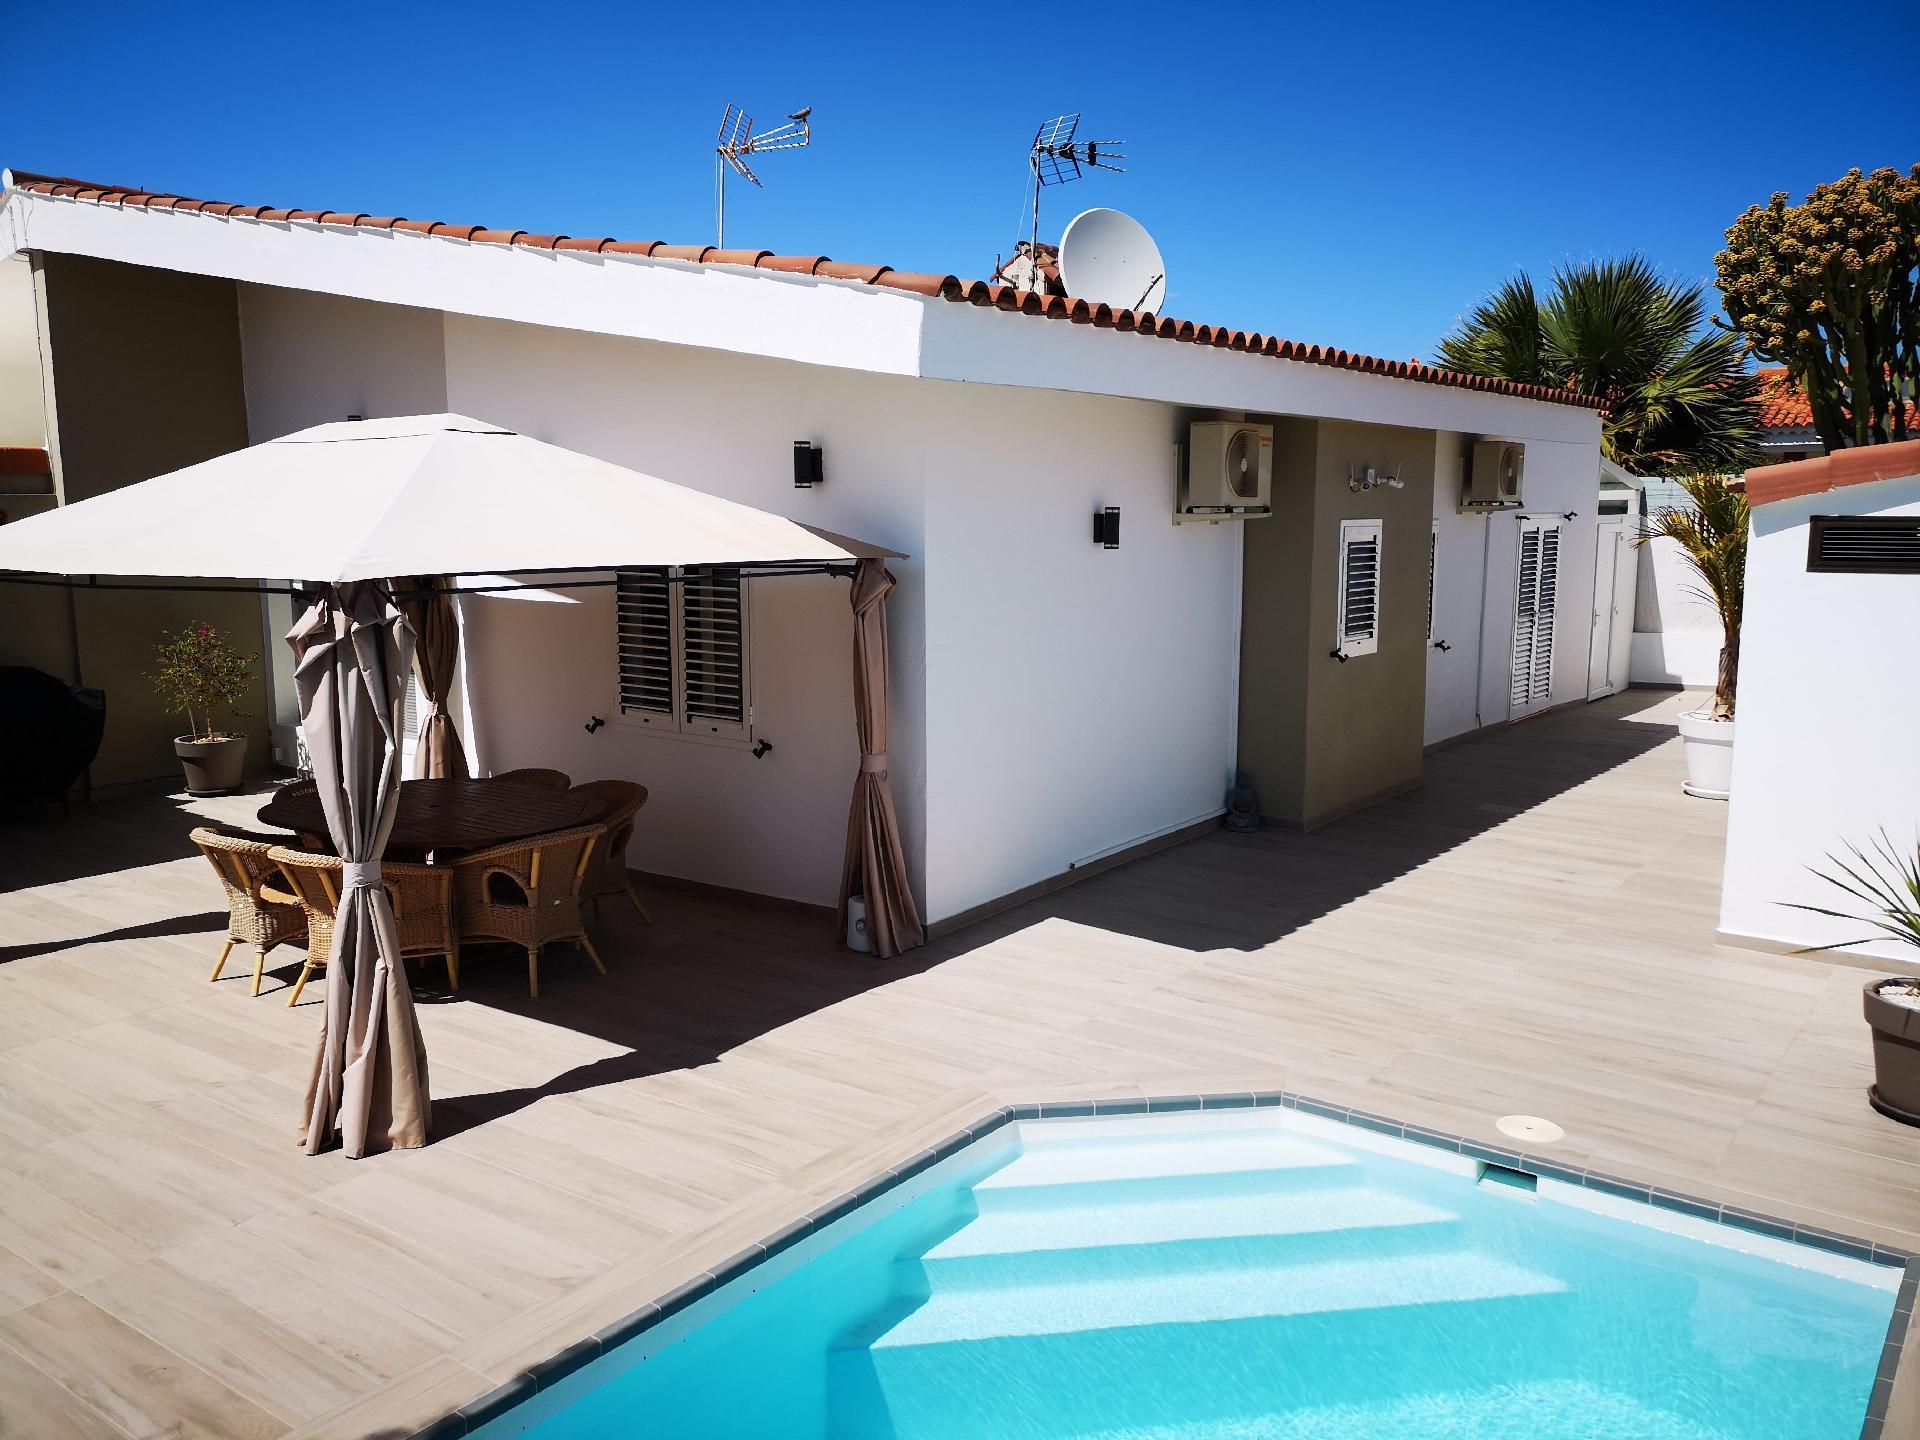 Ferienhaus mit Privatpool für 4 Personen ca.   in Spanien